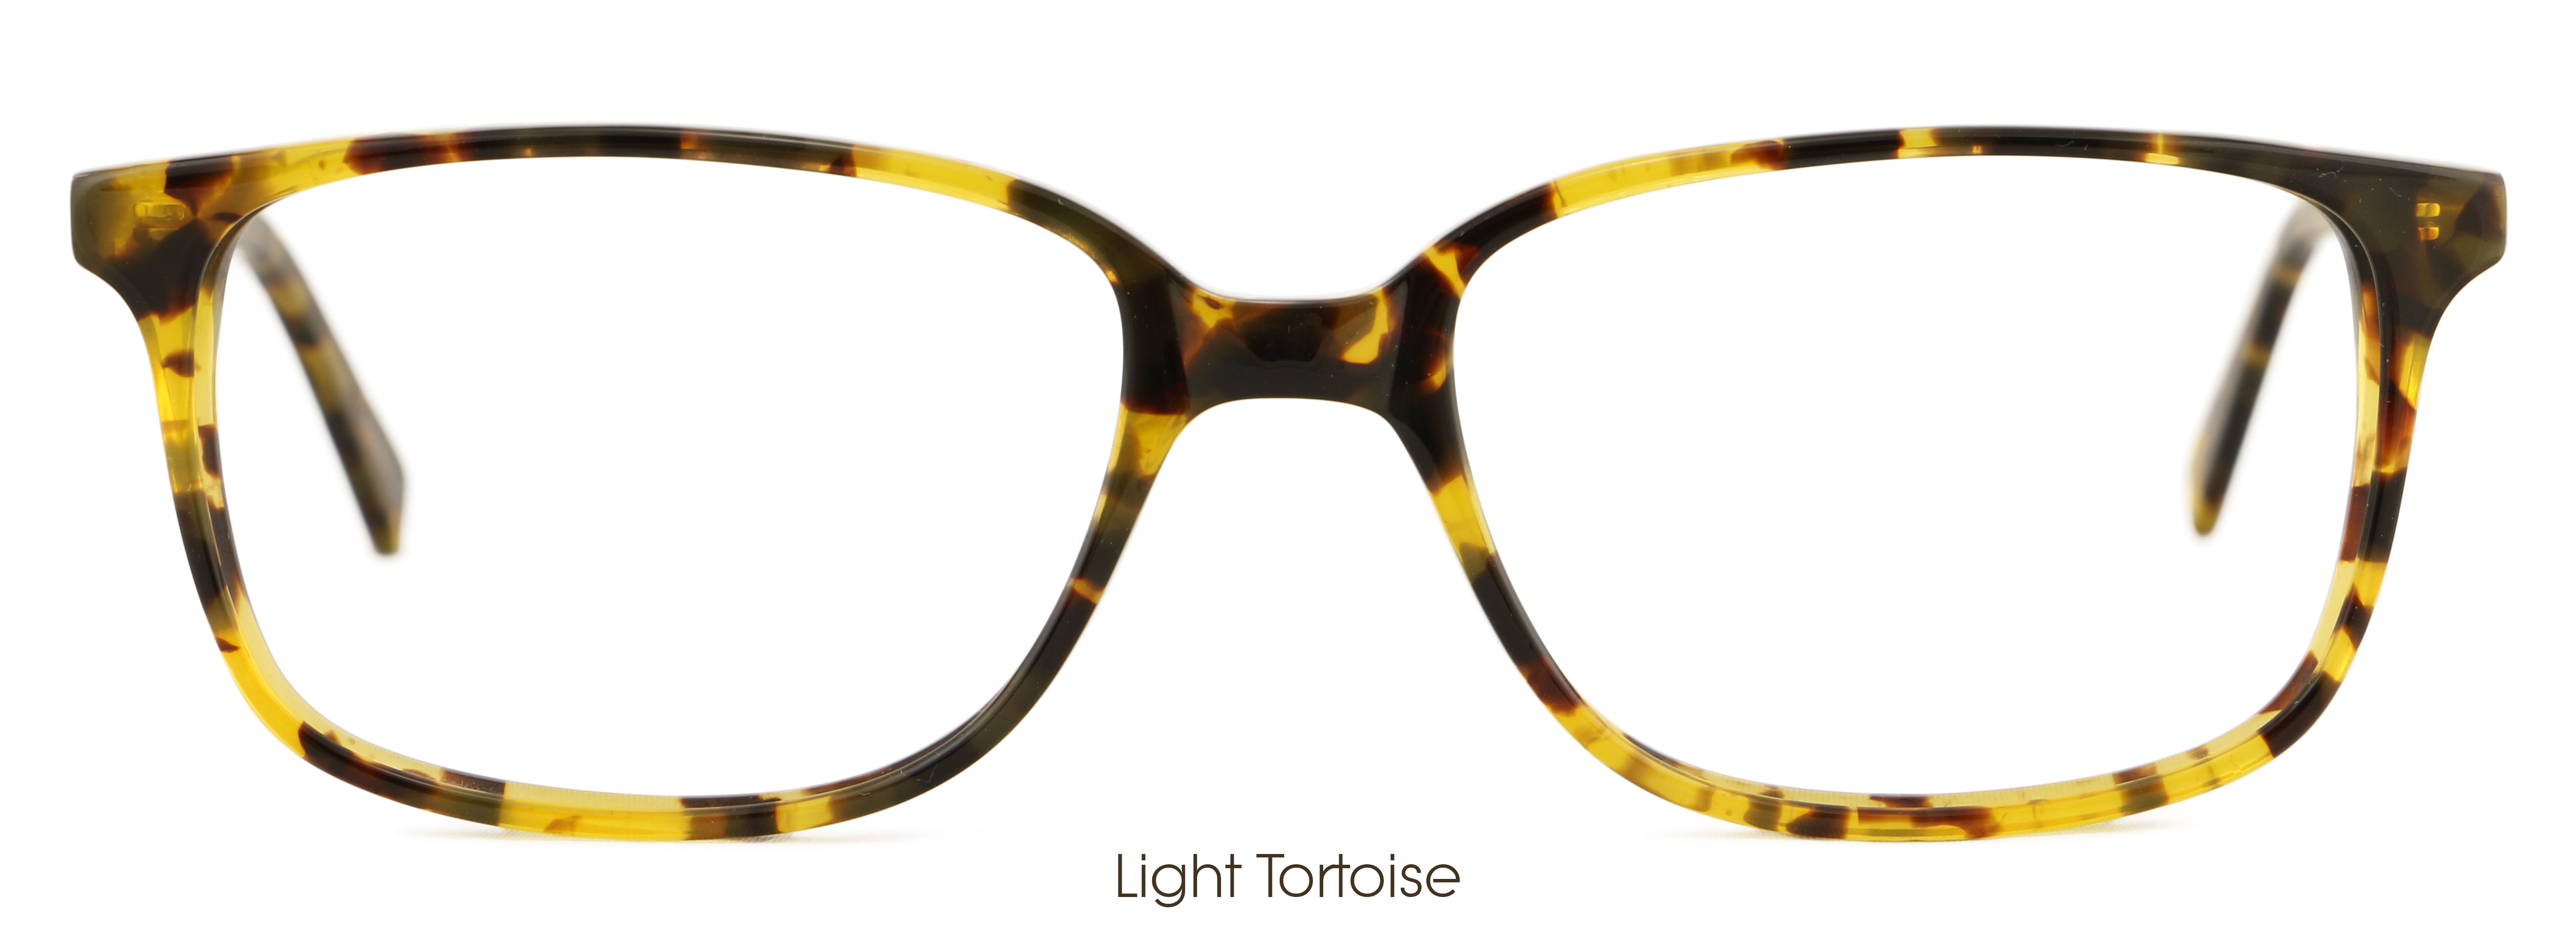 eyewear4less eco by modo wholesale eyeglasses